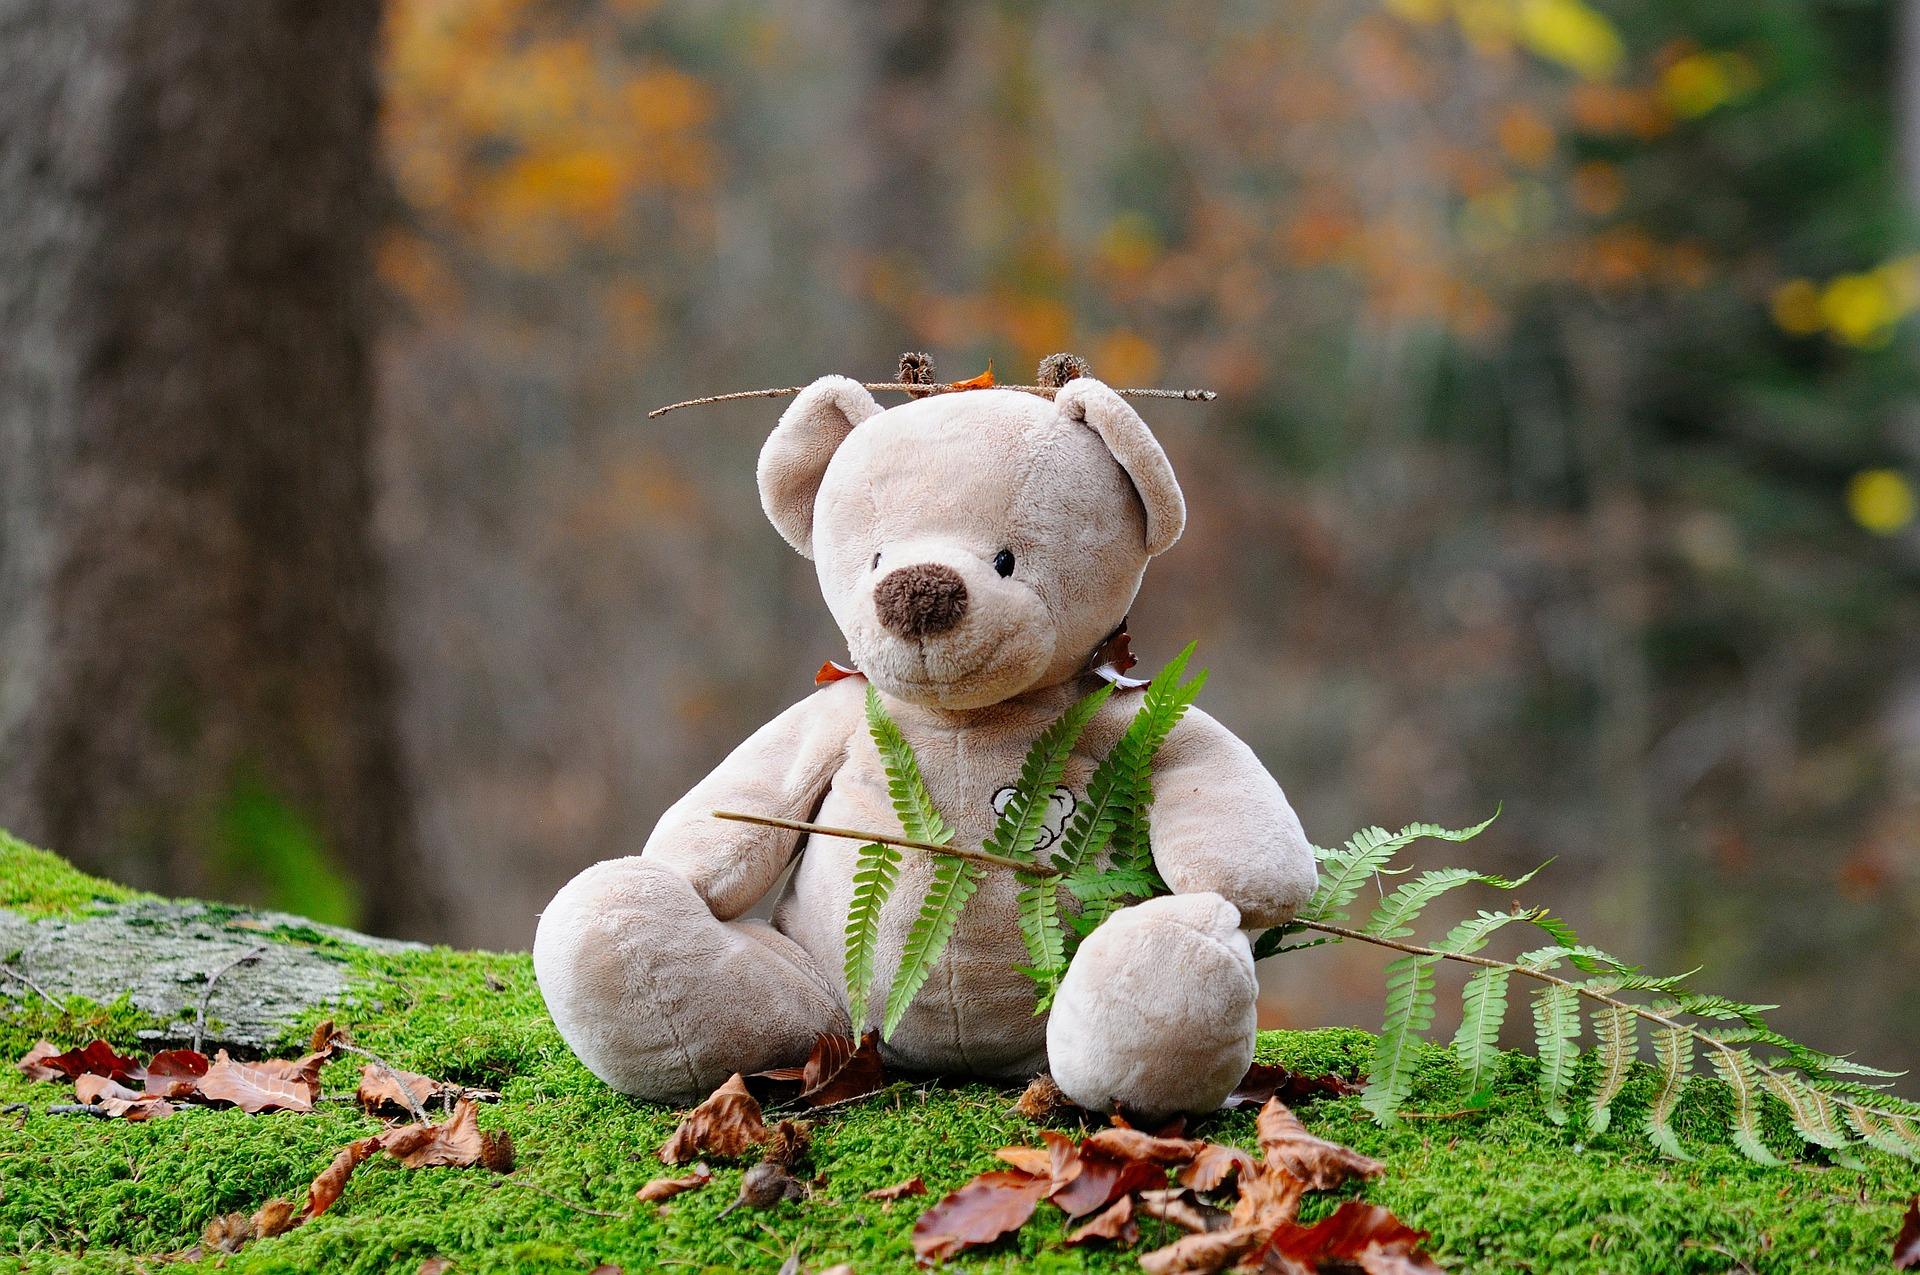 teddy-bear-524251_1920